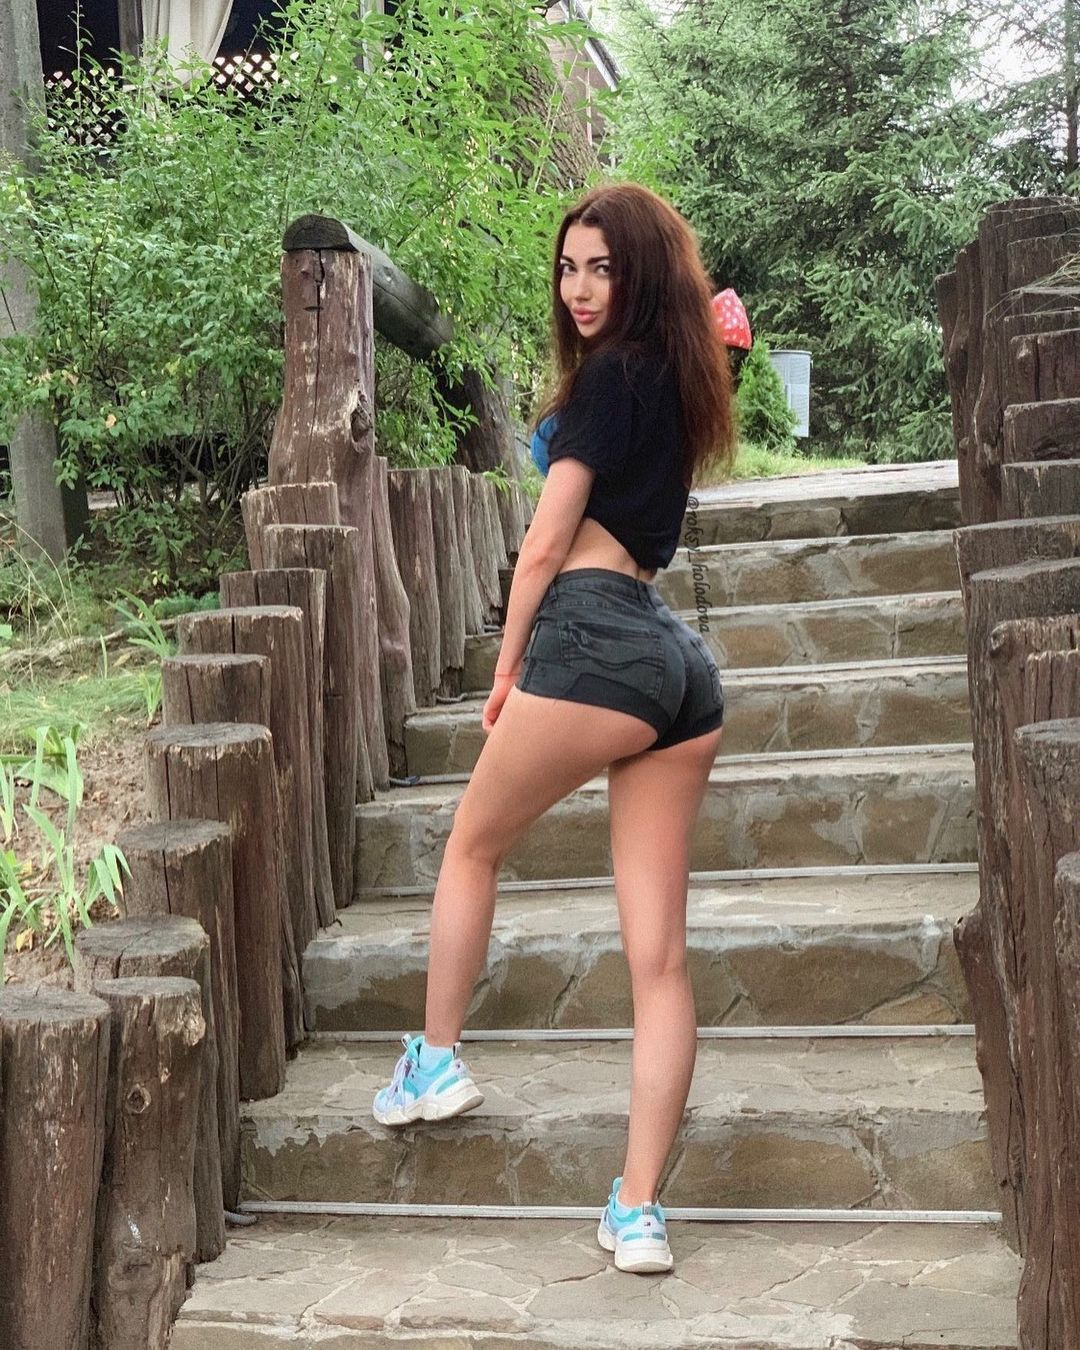 Роксана Холодова (Roksana Holodova) - украинская звезда Инстаграм с шикарными формами 1